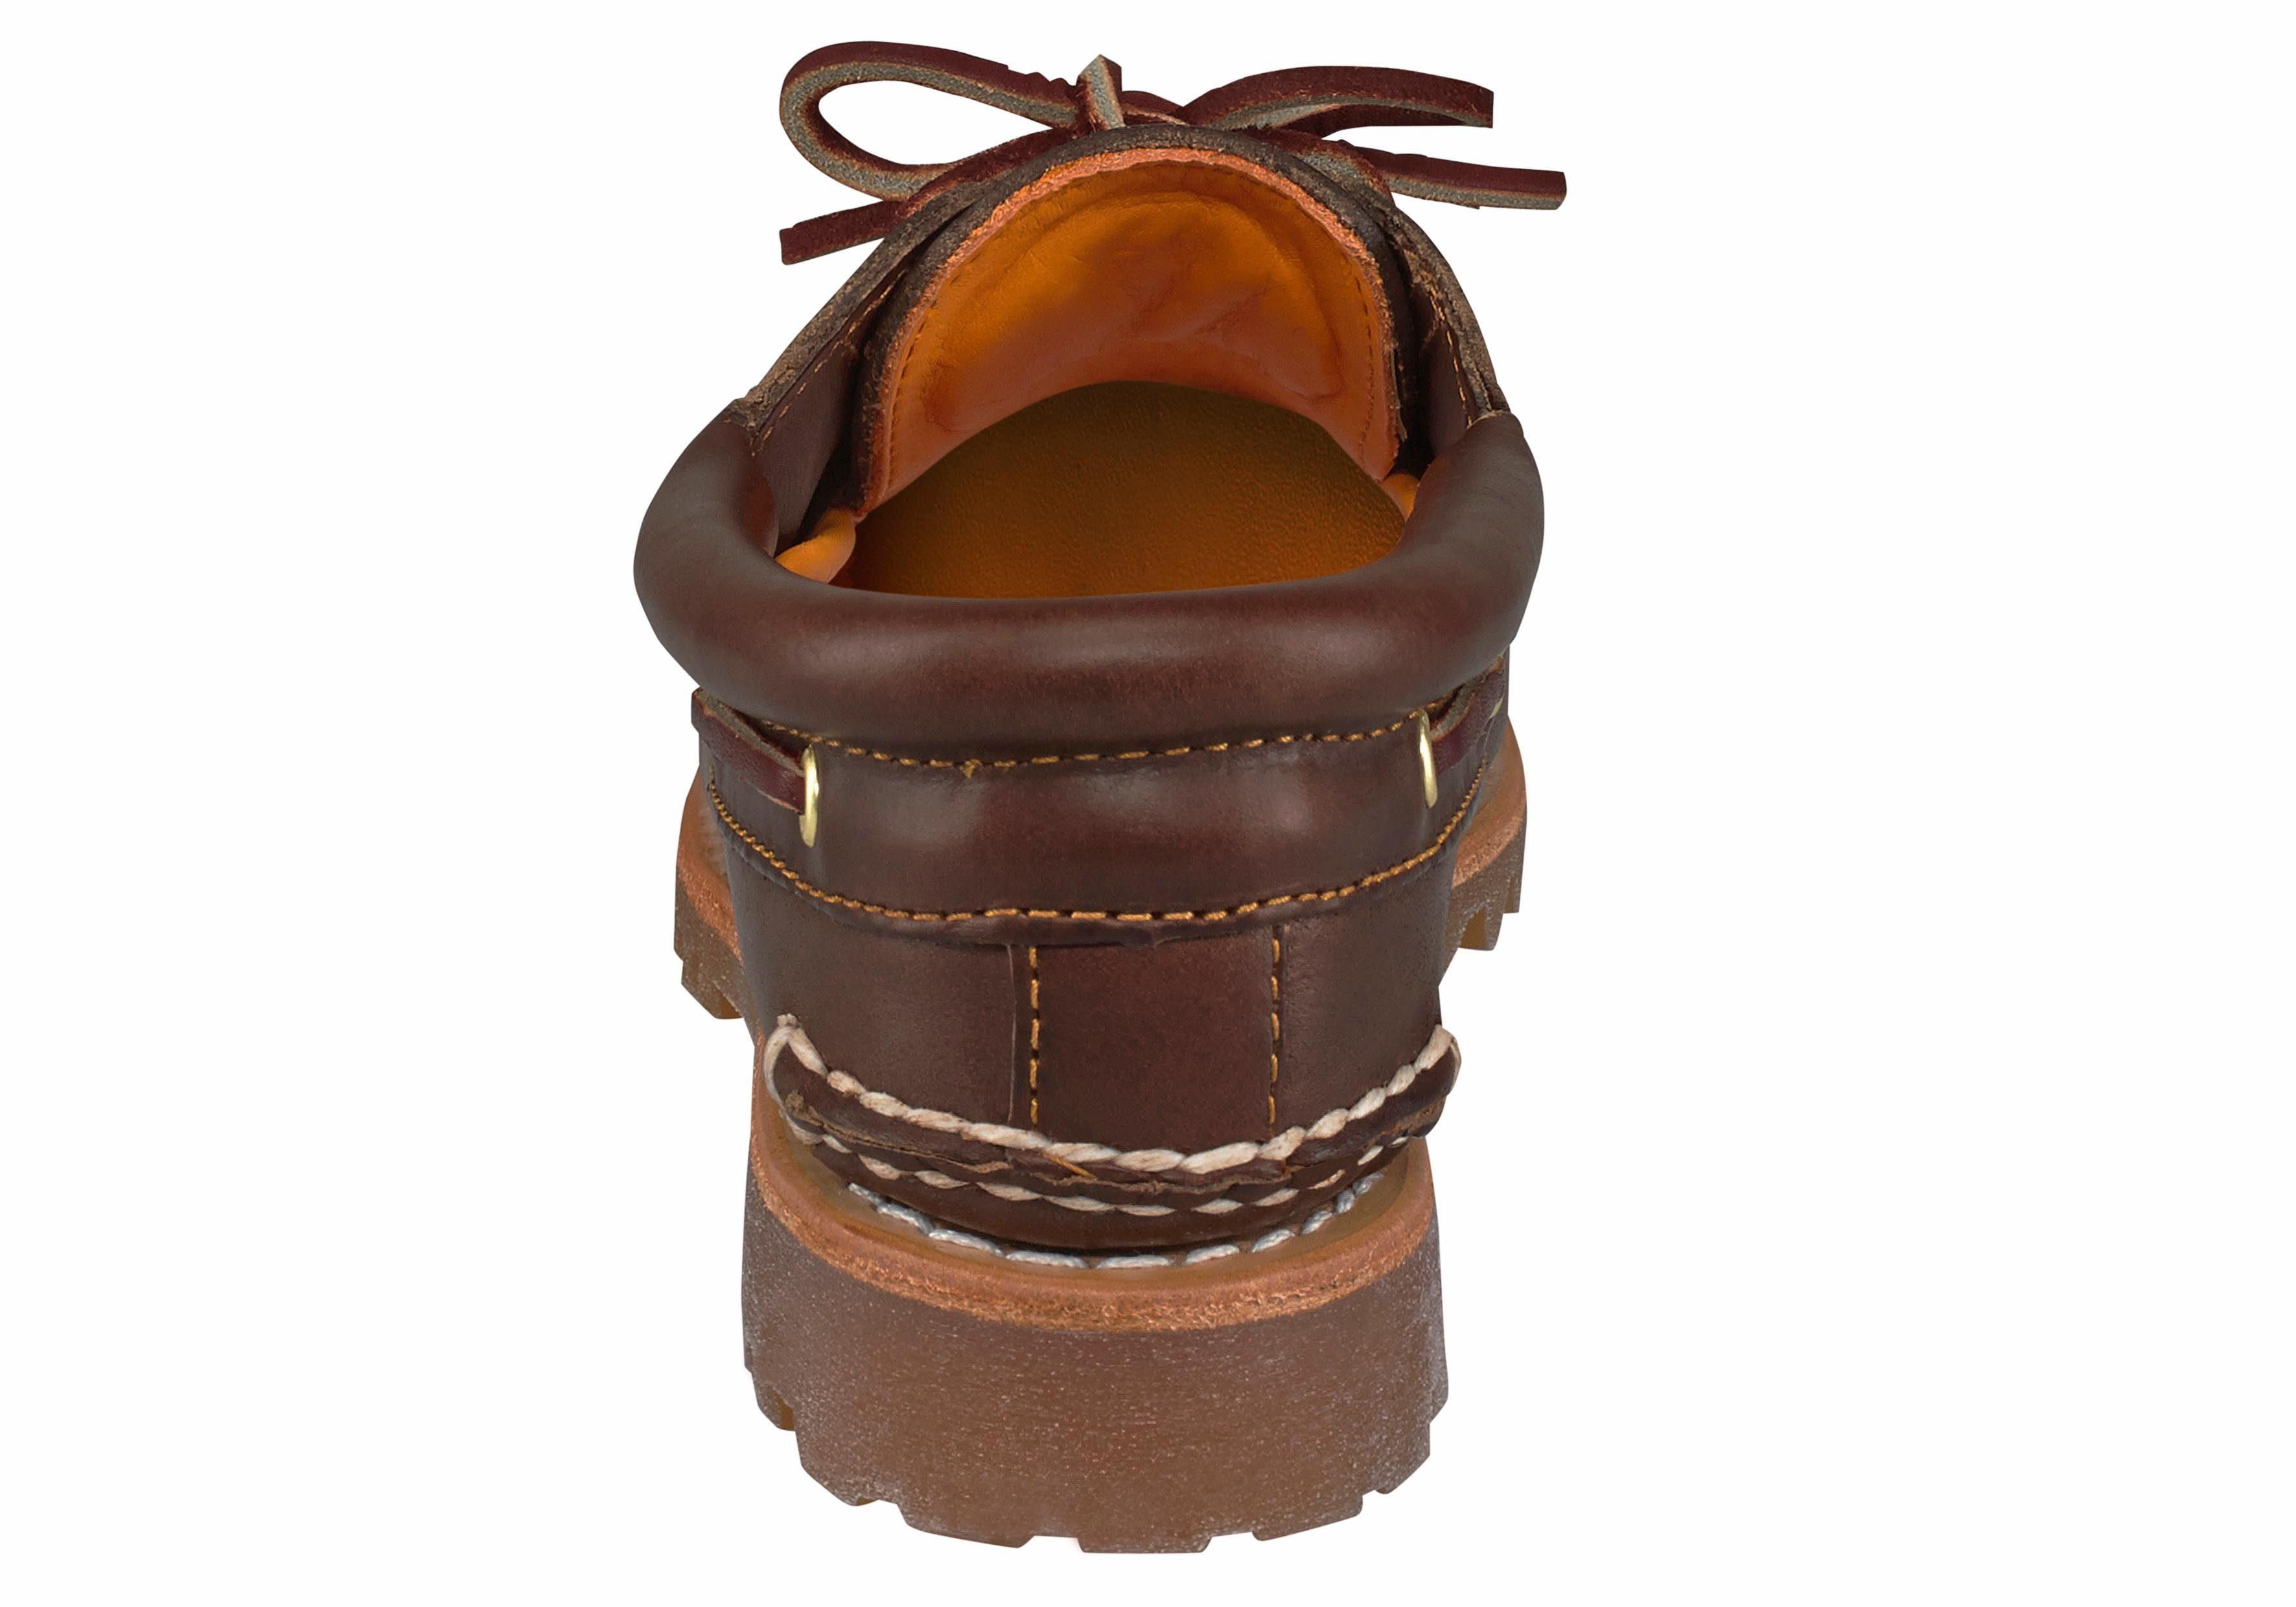 Timberland Bootschoenen Heritage Noreen 3 Eye Online Verkrijgbaar - Geweldige Prijs